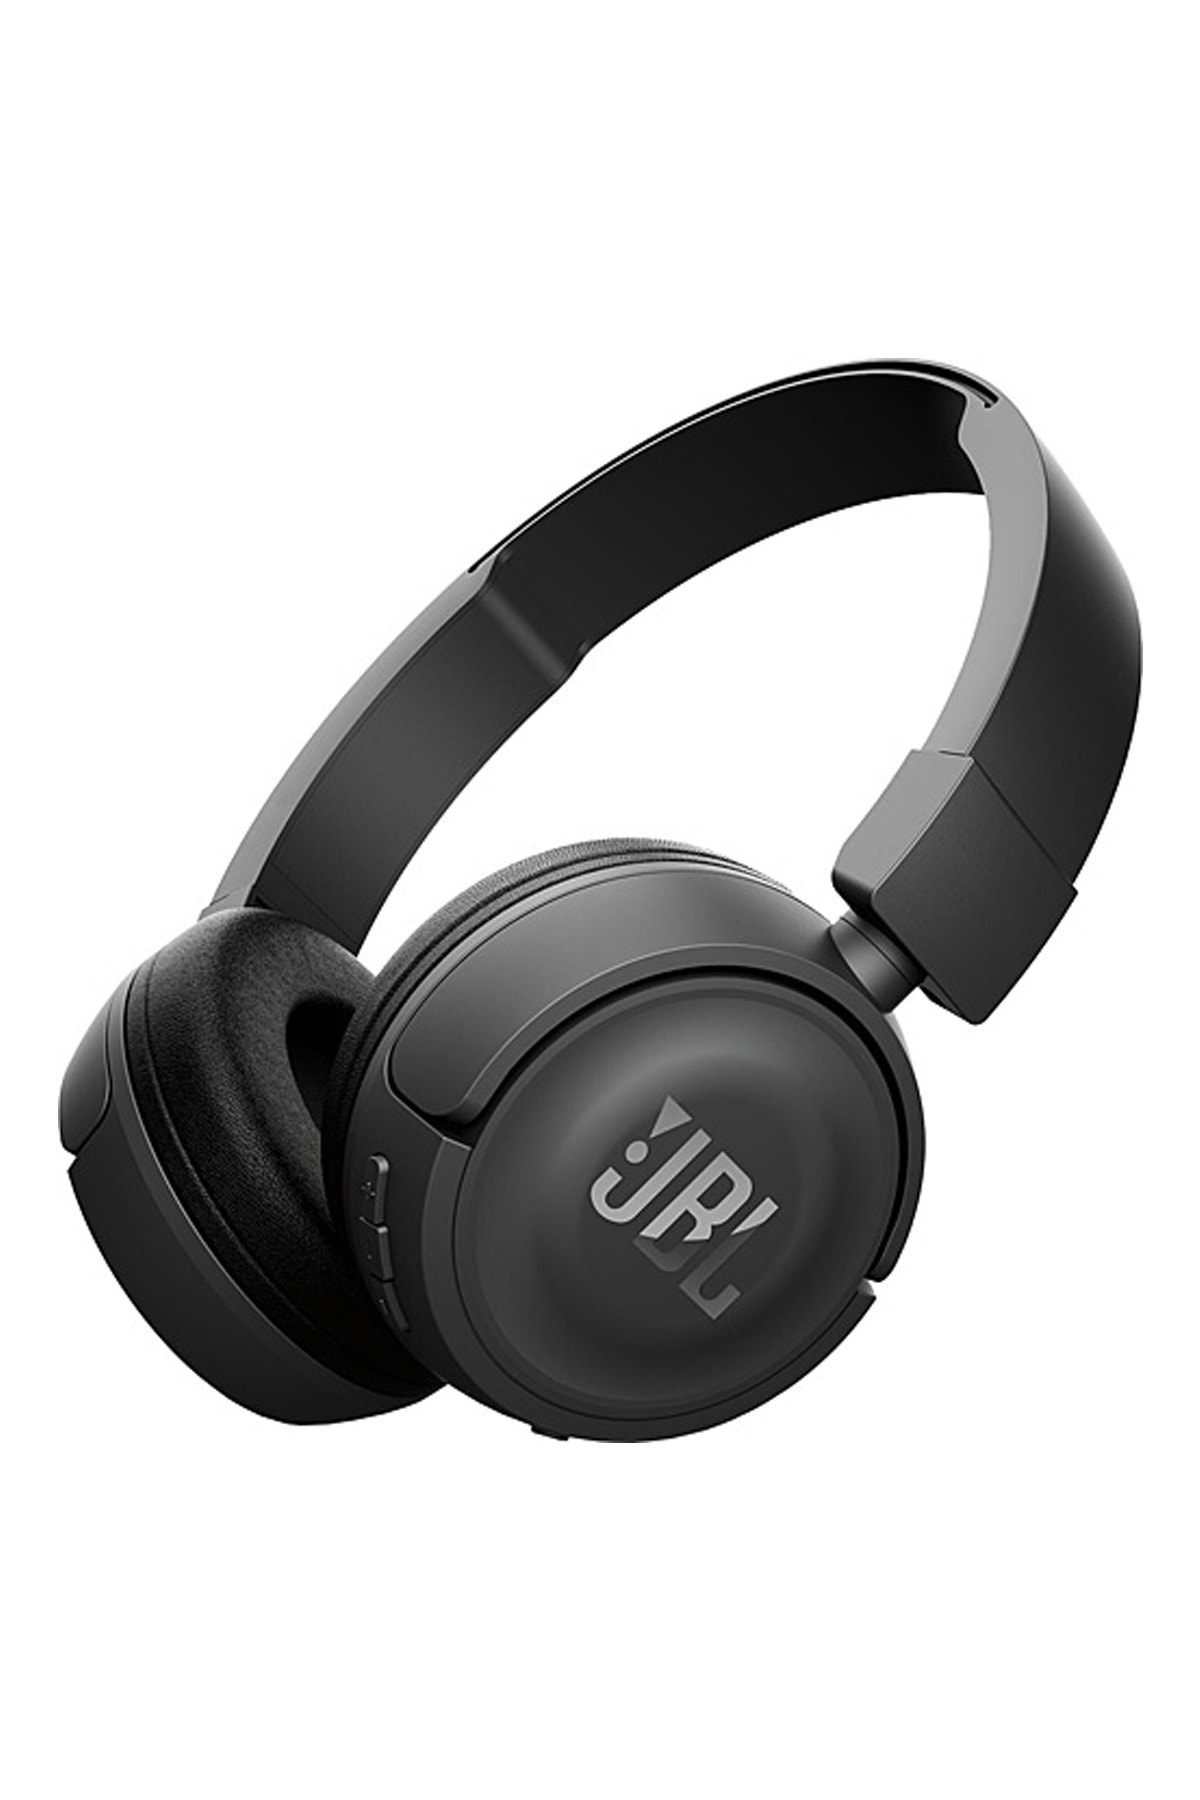 Jblt450 Mikrofonlu Kulak Üstü Kulaklık Siyah